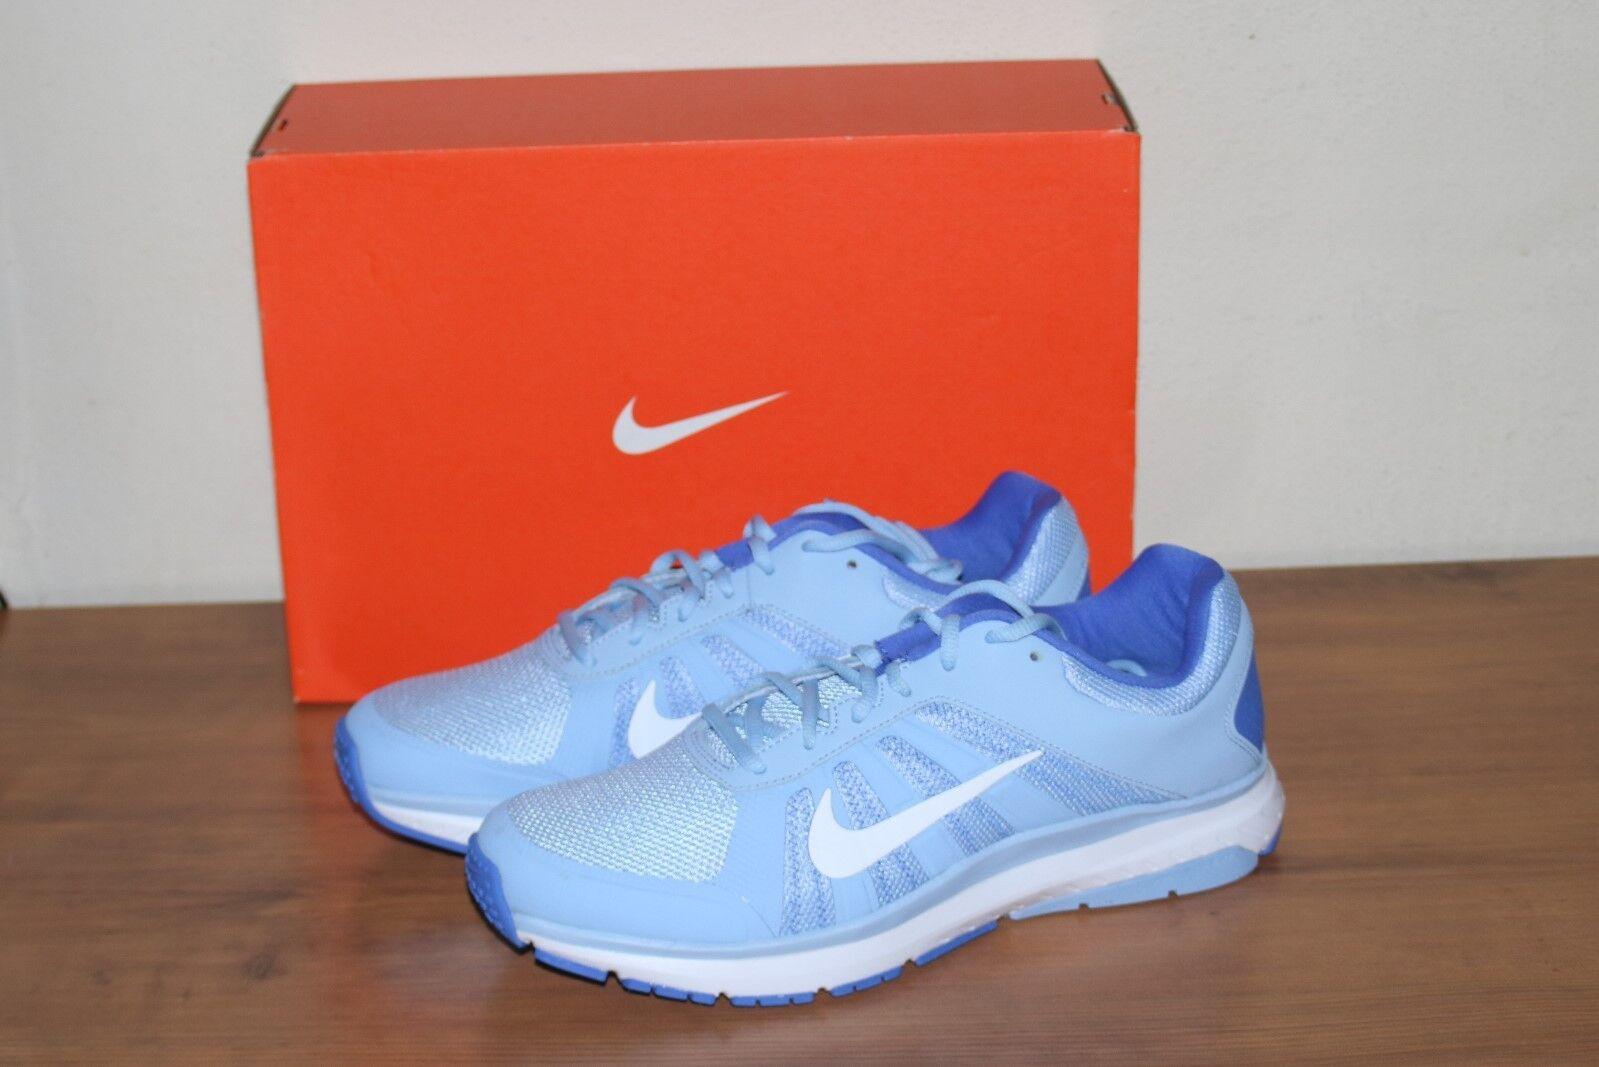 New Nike Dart 12 Aluminum White Running Training Shoes  Women's Comfortable